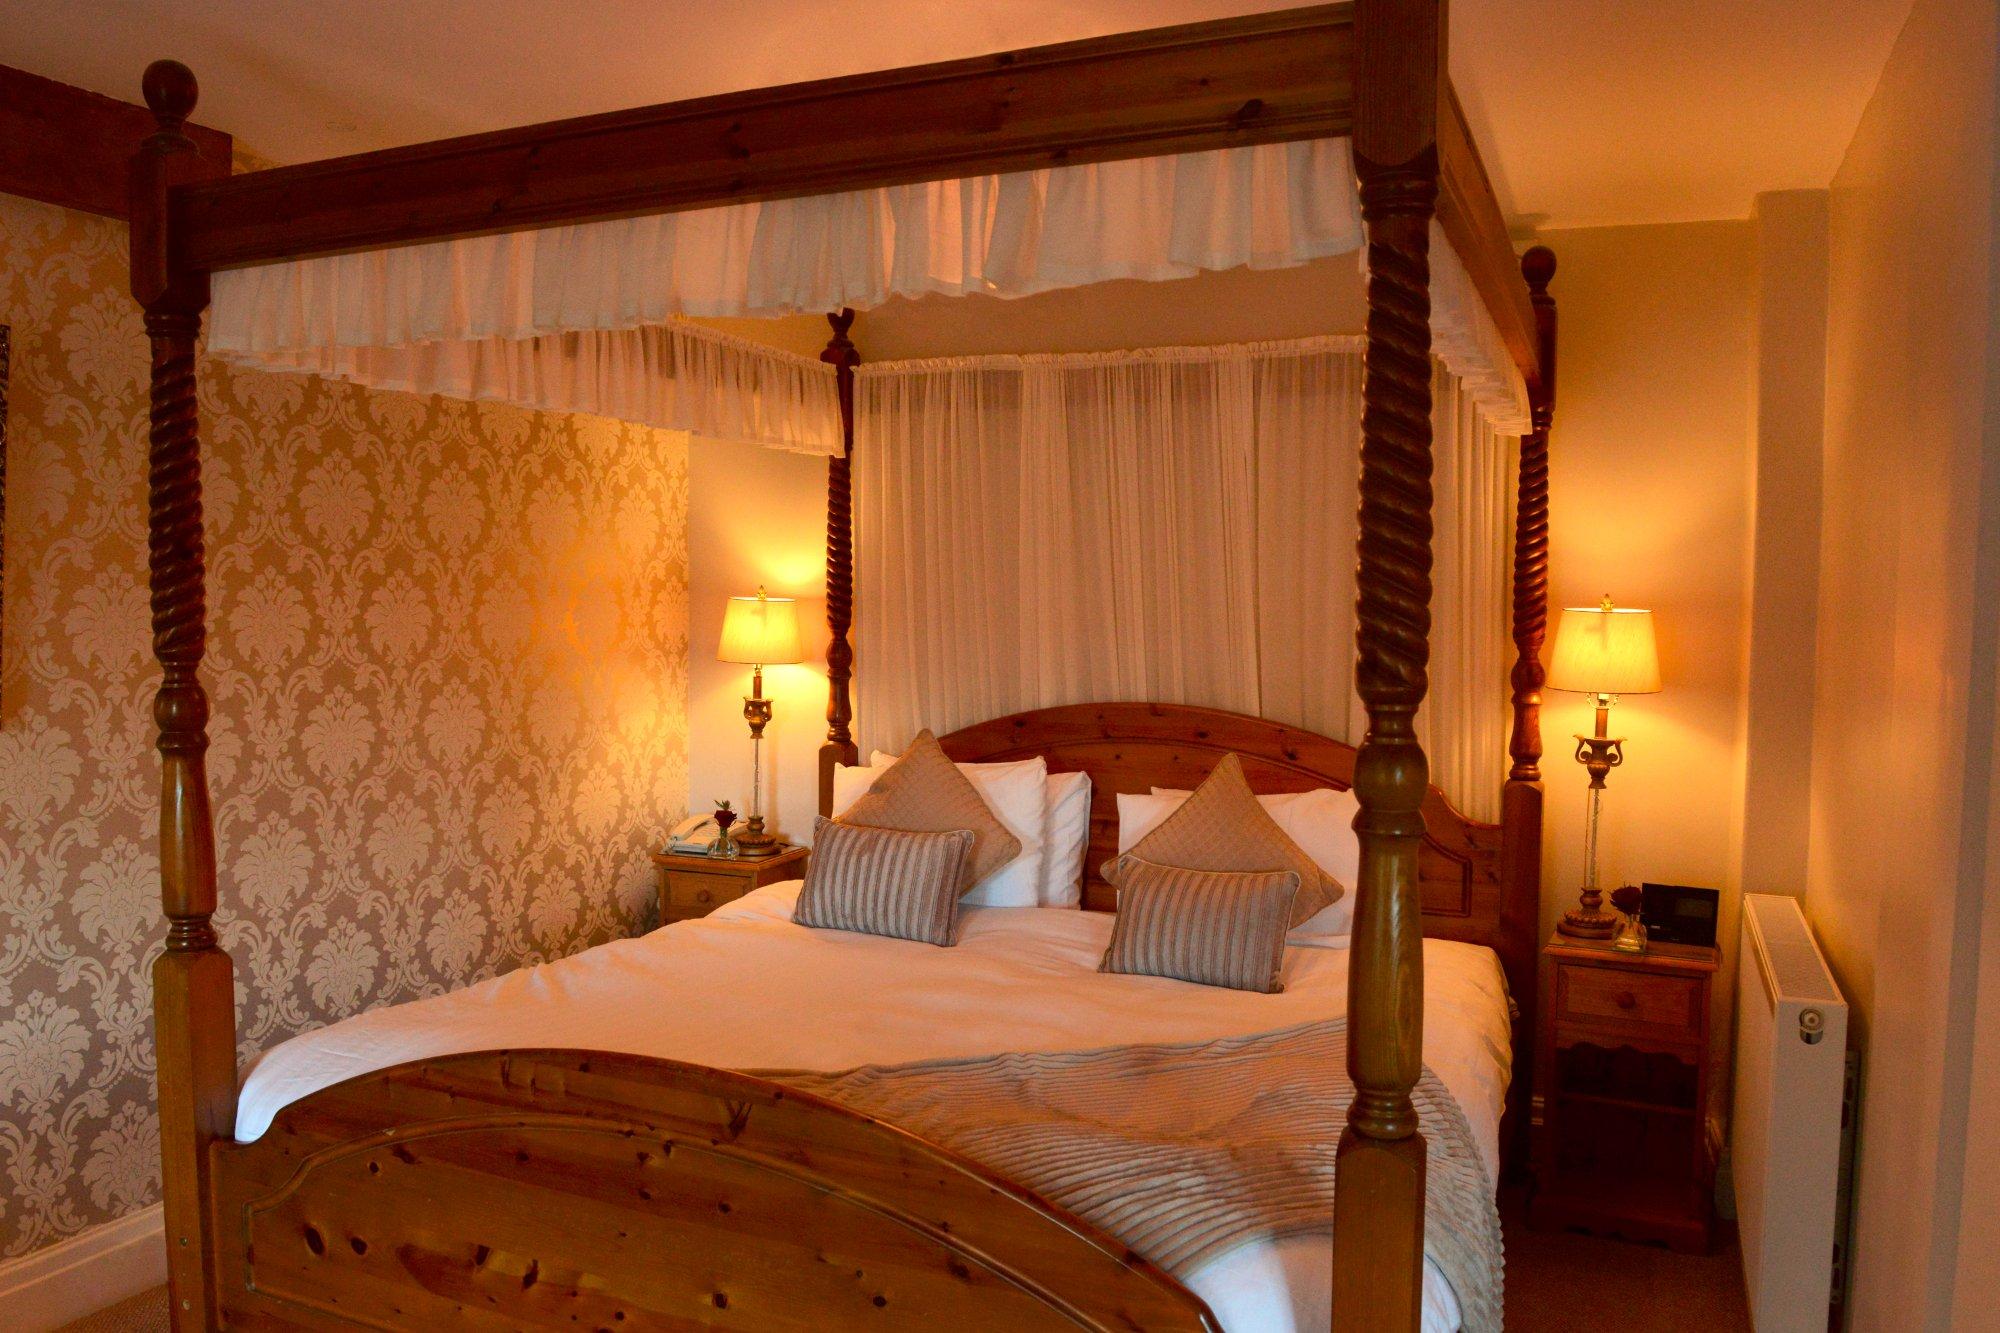 The Morritt Country House Hotel